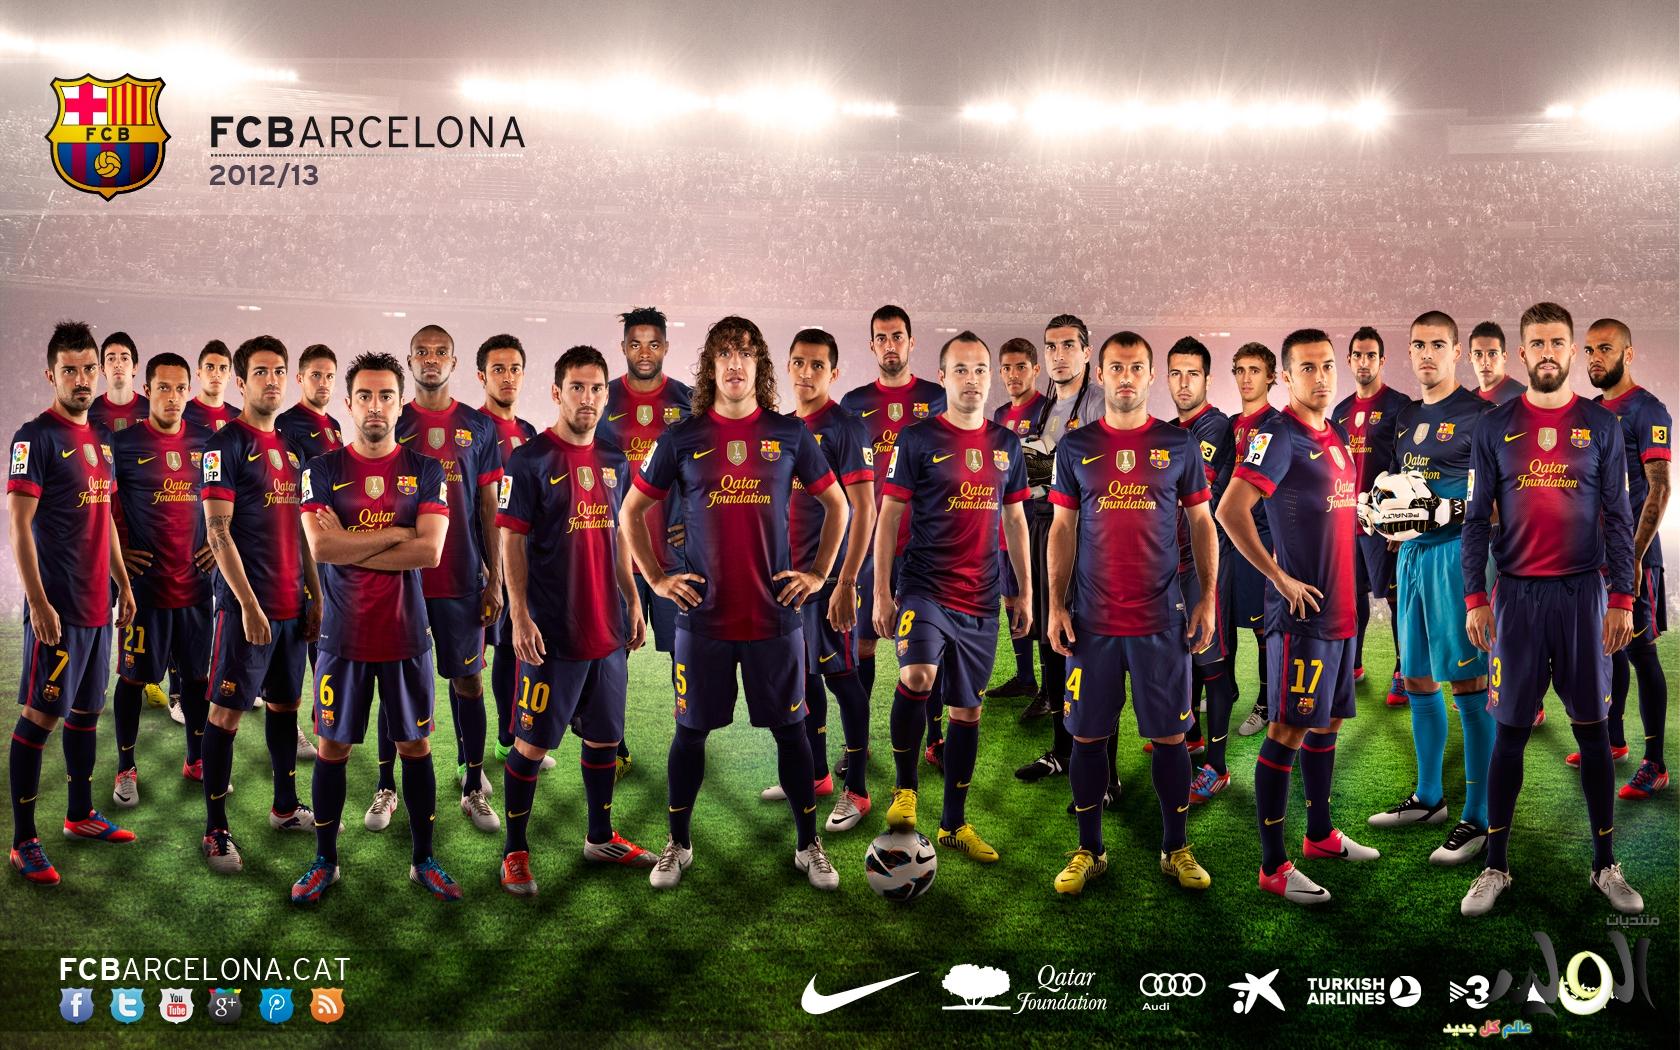 بالصور اجدد صور فريق برشلونة 2019 20160714 2525